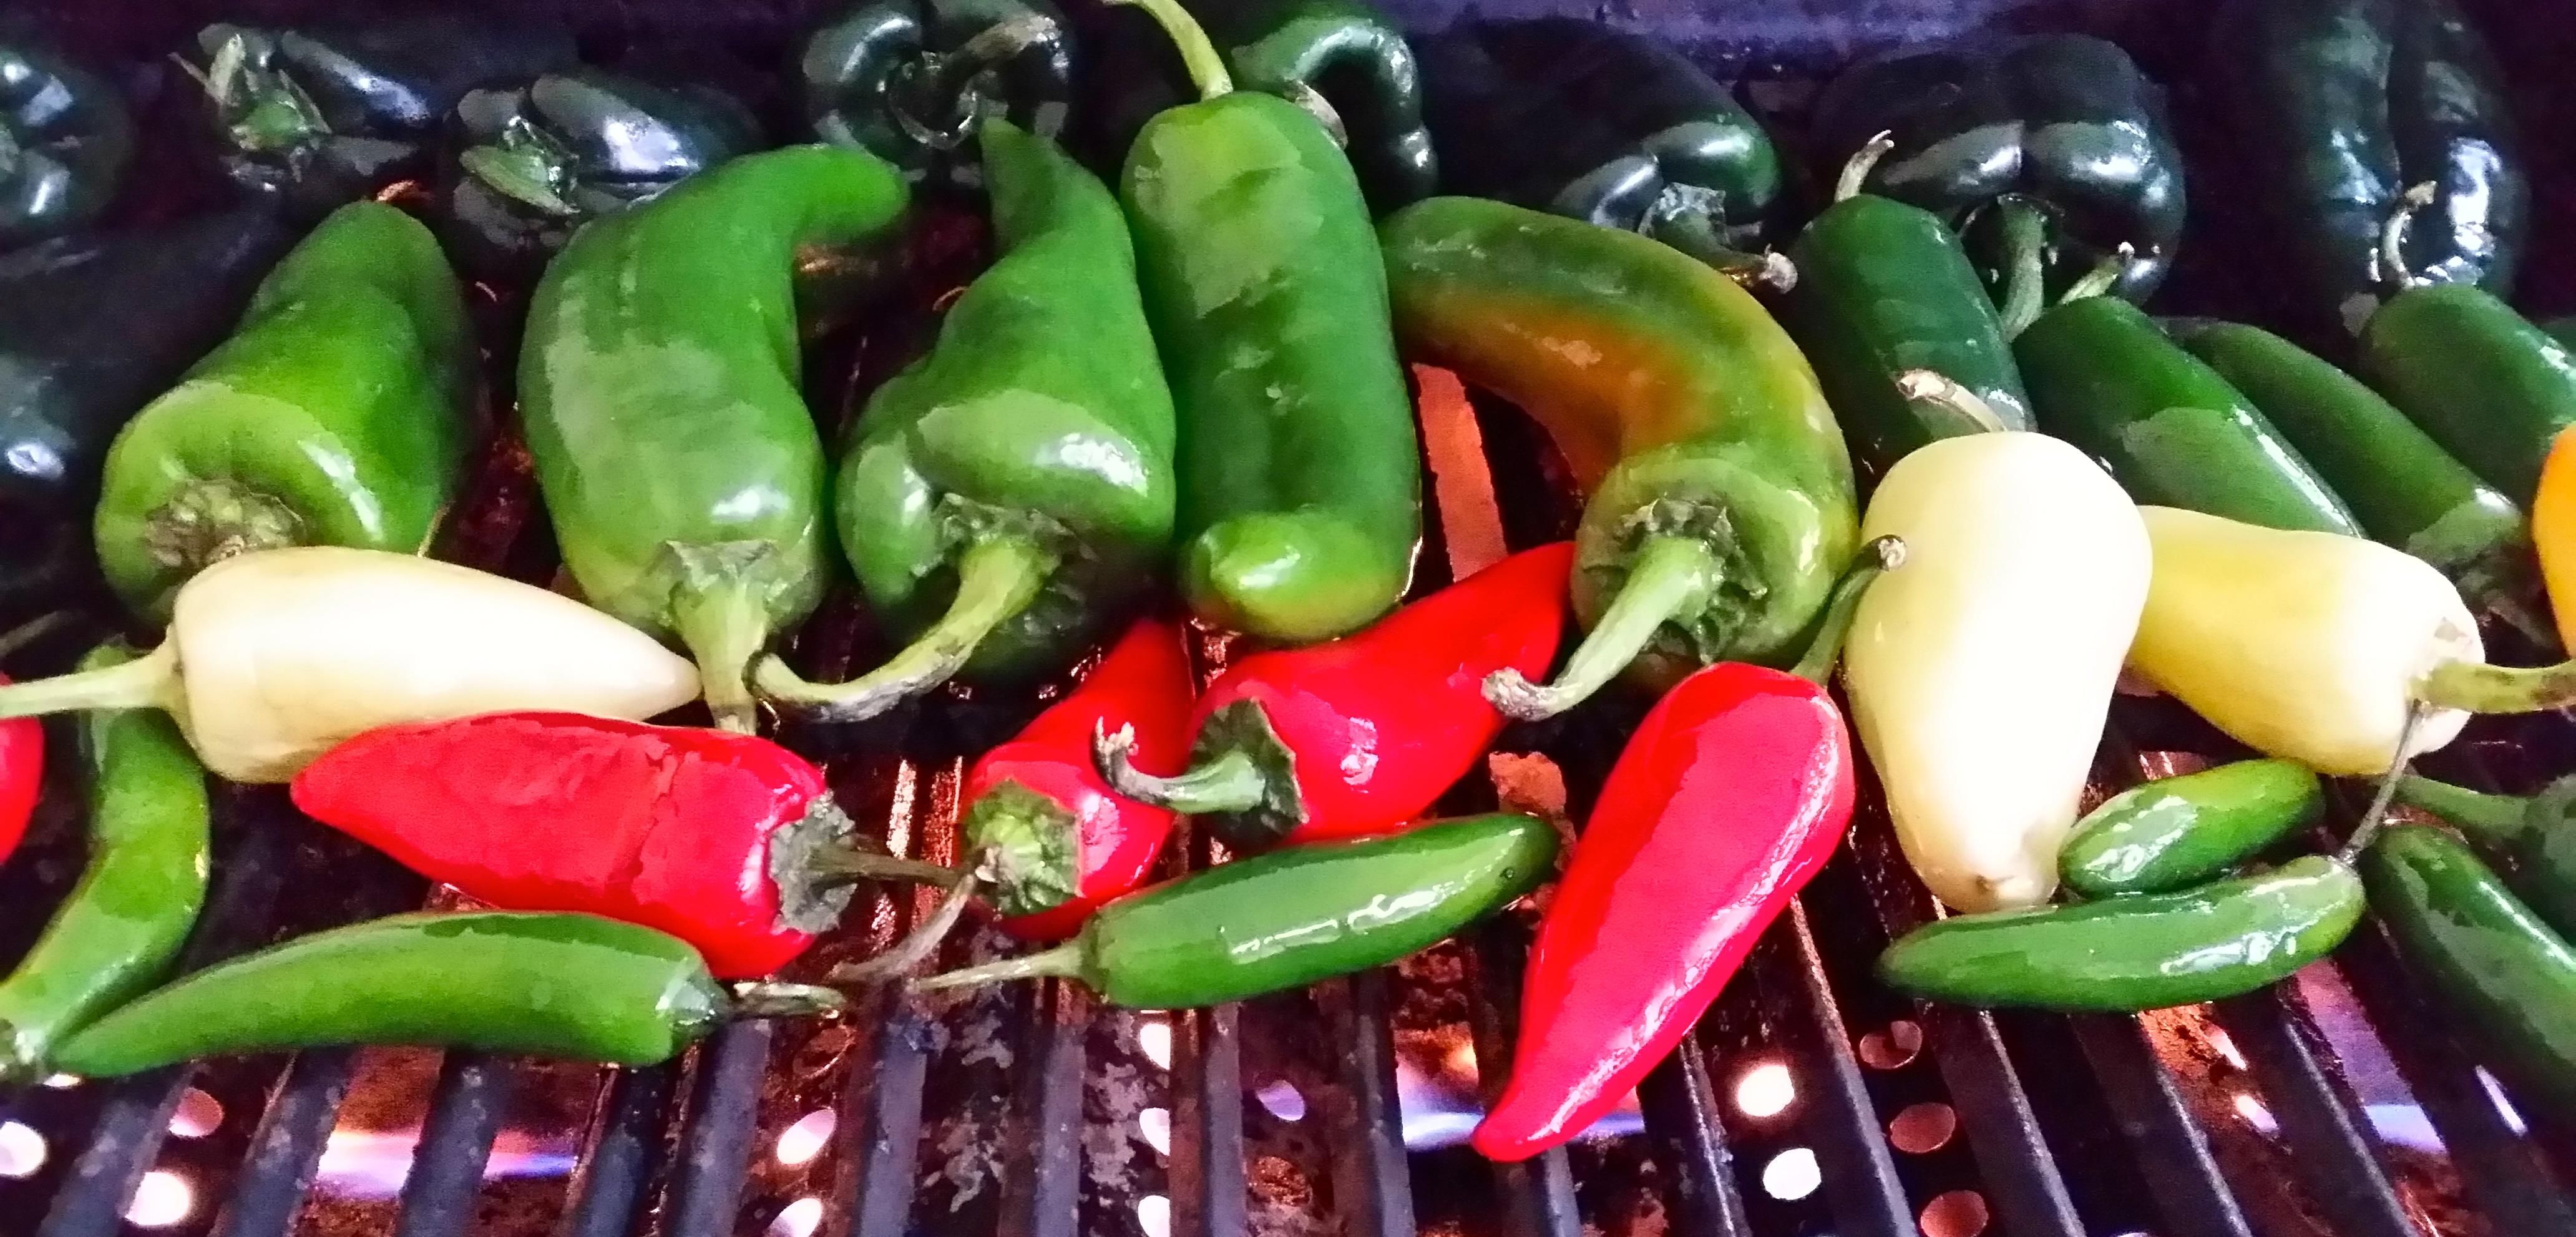 Picture of Prepare Your Chili Sauce